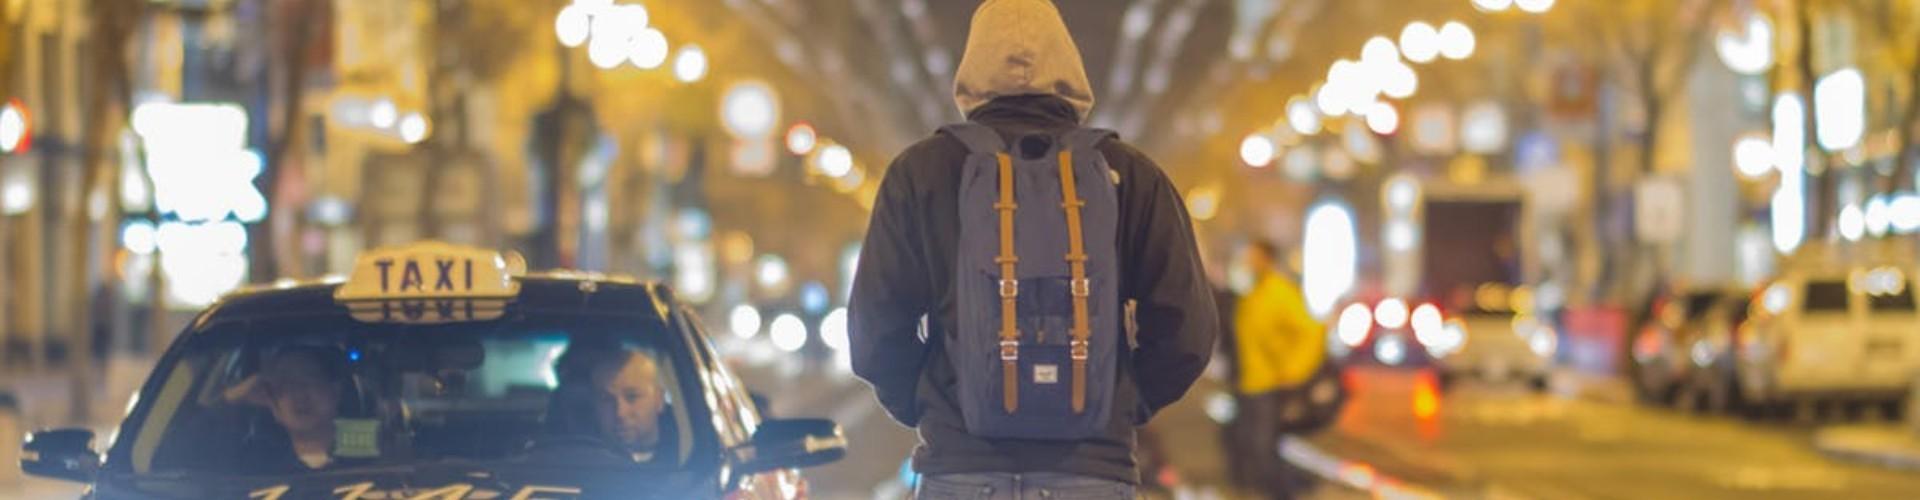 Jak zostać taksówkarzem: zarobki, kurs, egzamin i licencja taxi